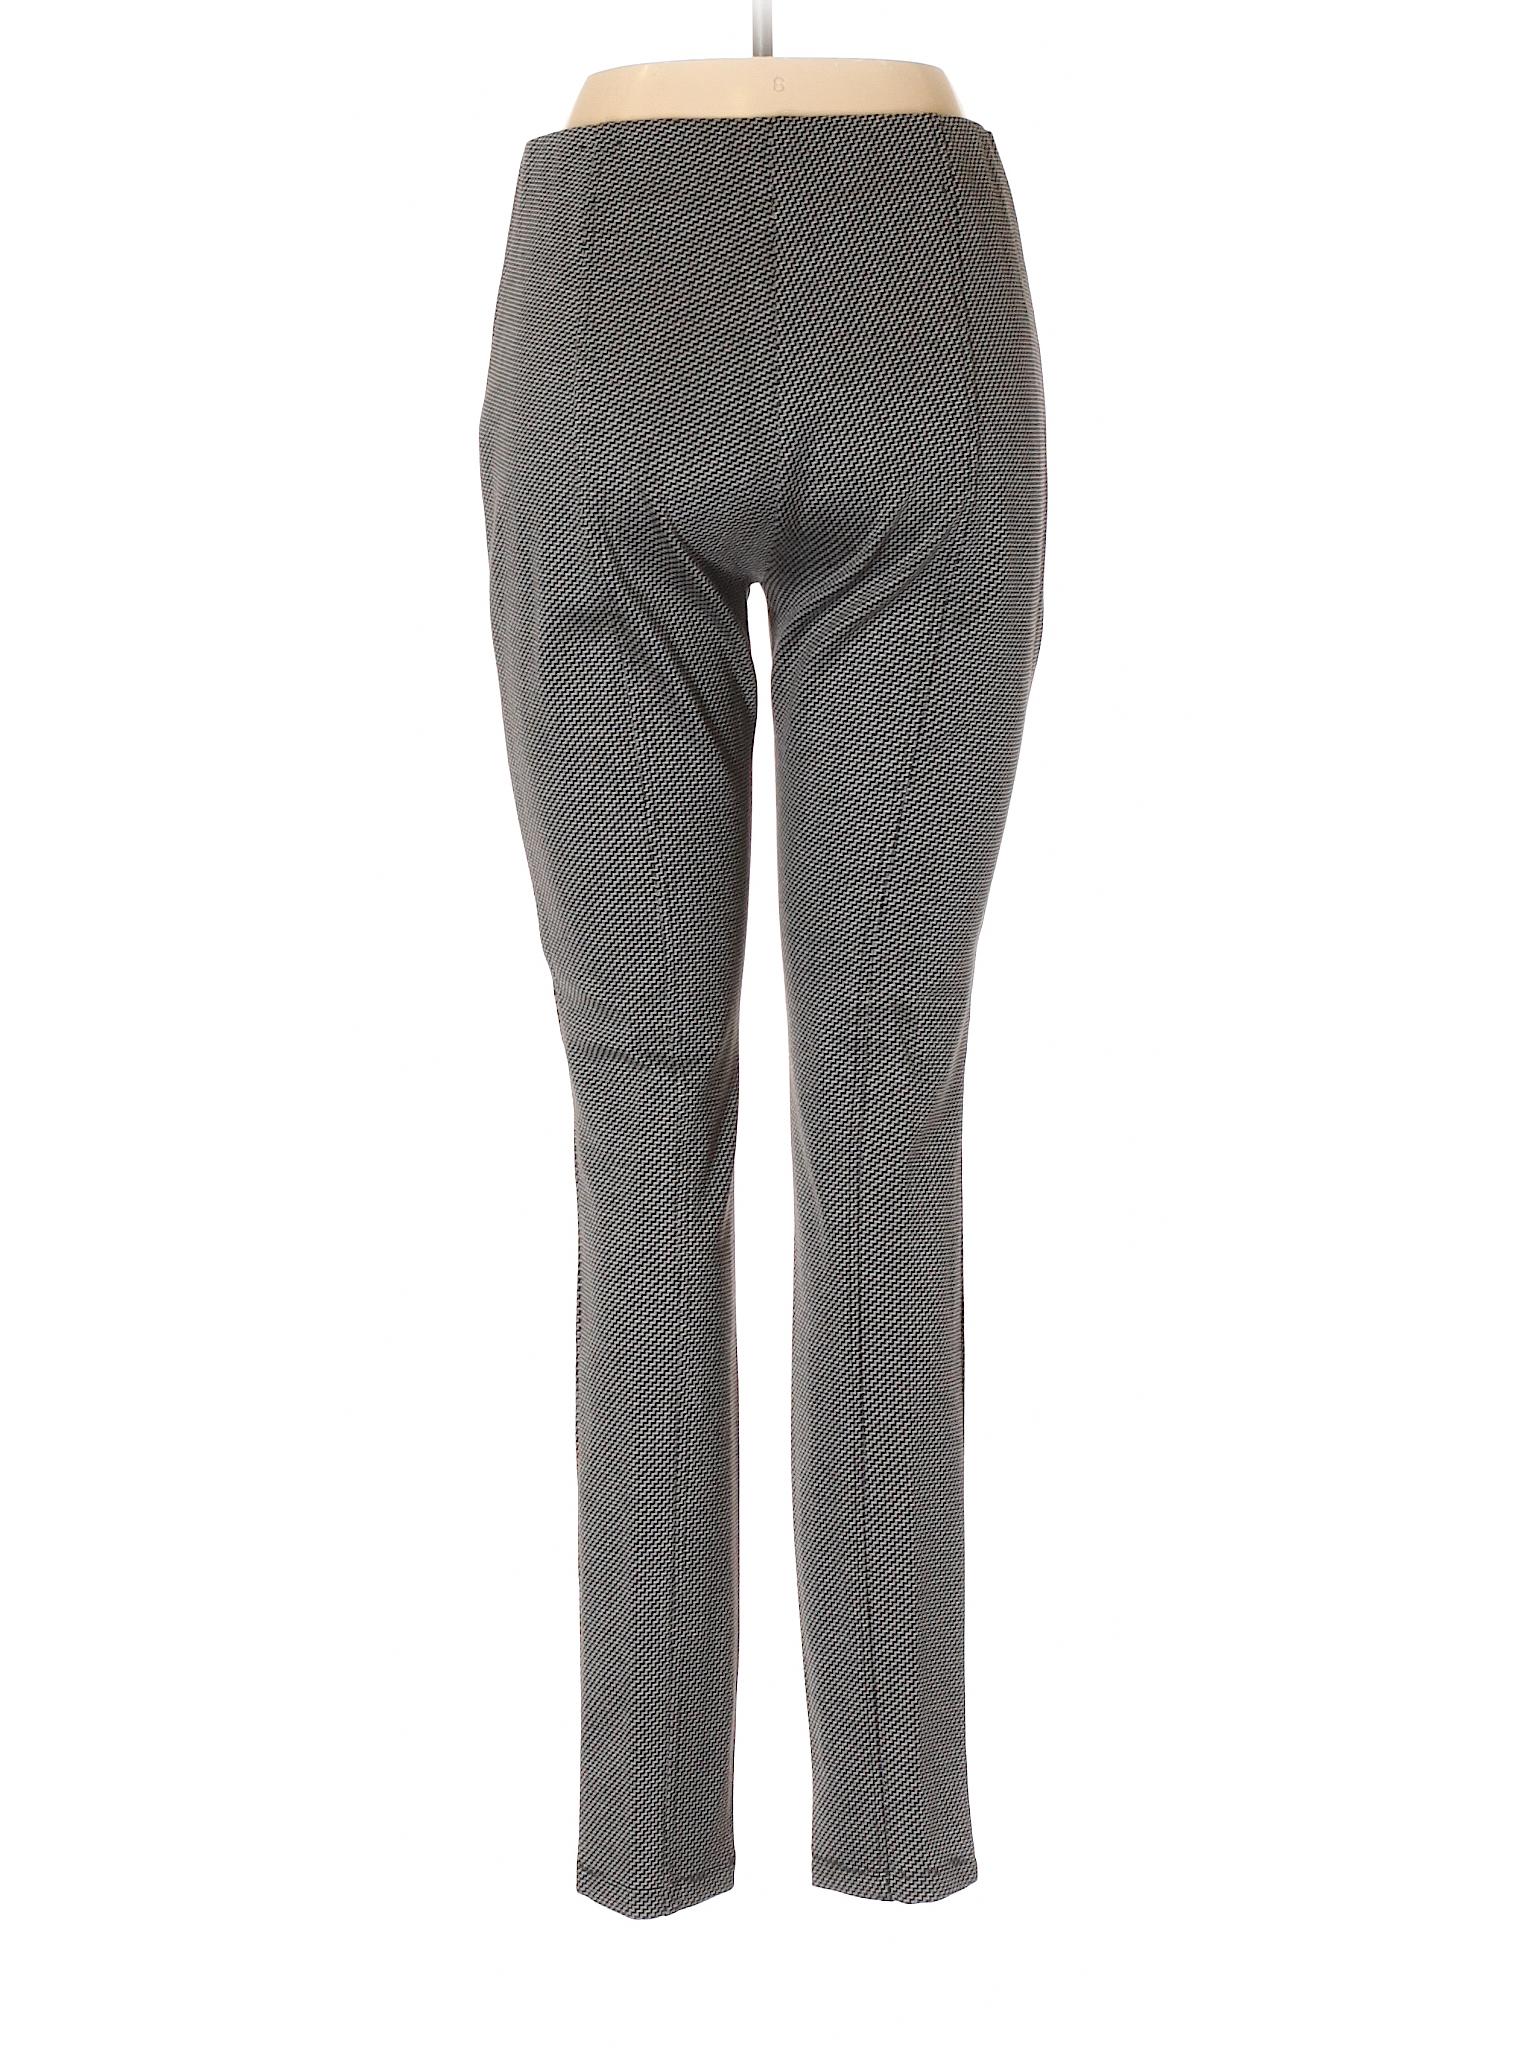 Casual Pants Boutique Boutique dalia dalia 7Zv1twn